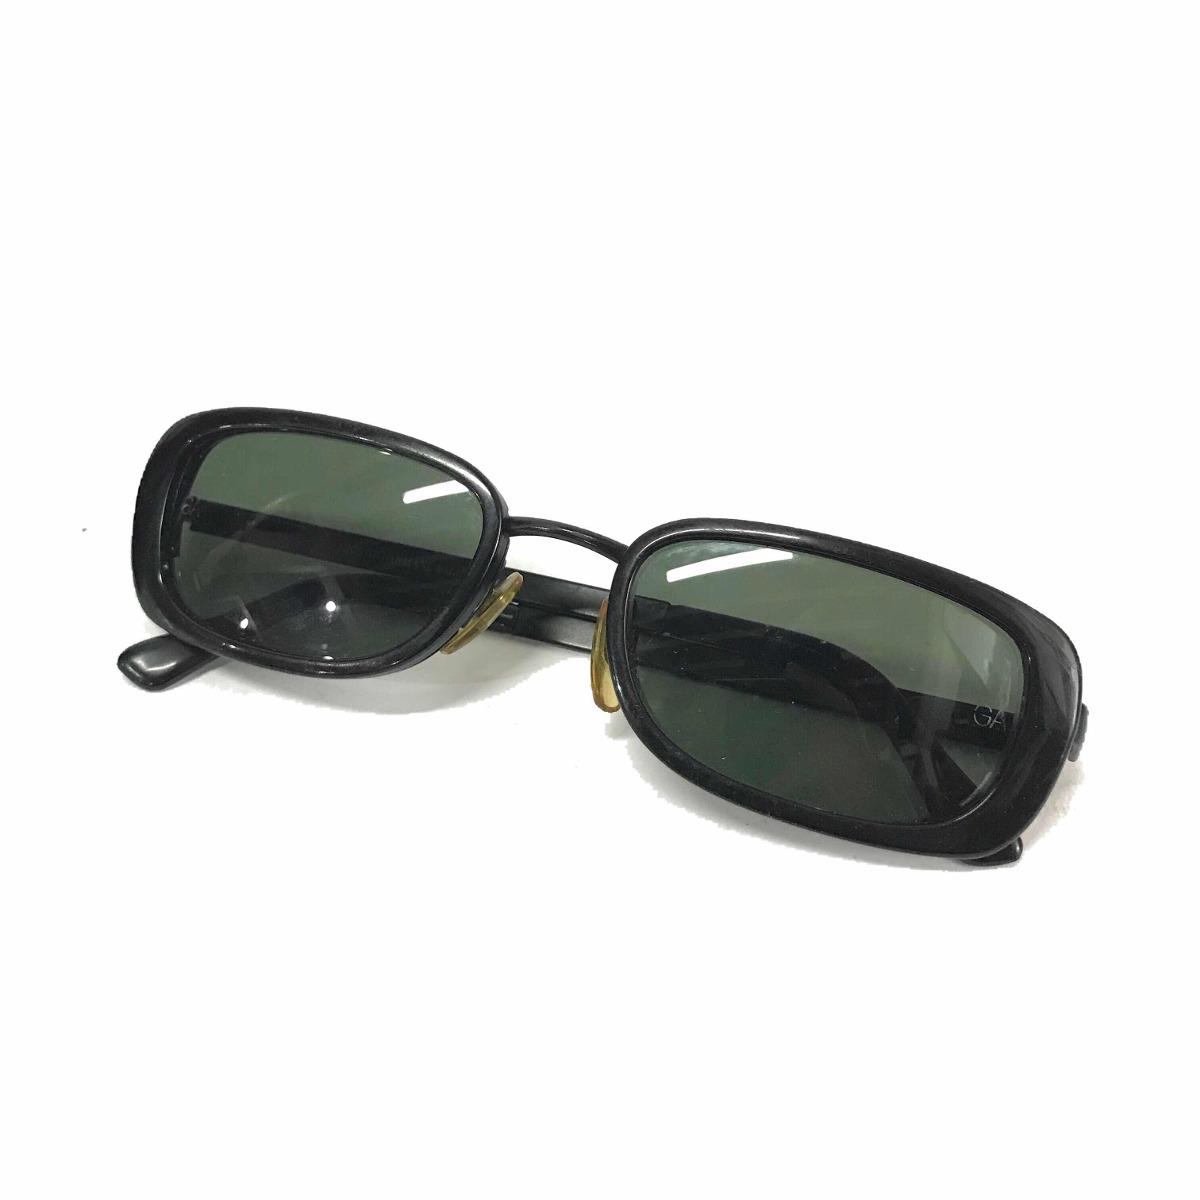 d341e368fb88f Óculos De Sol Giorgio Armani Antigo Original - R  99,99 em Mercado Livre